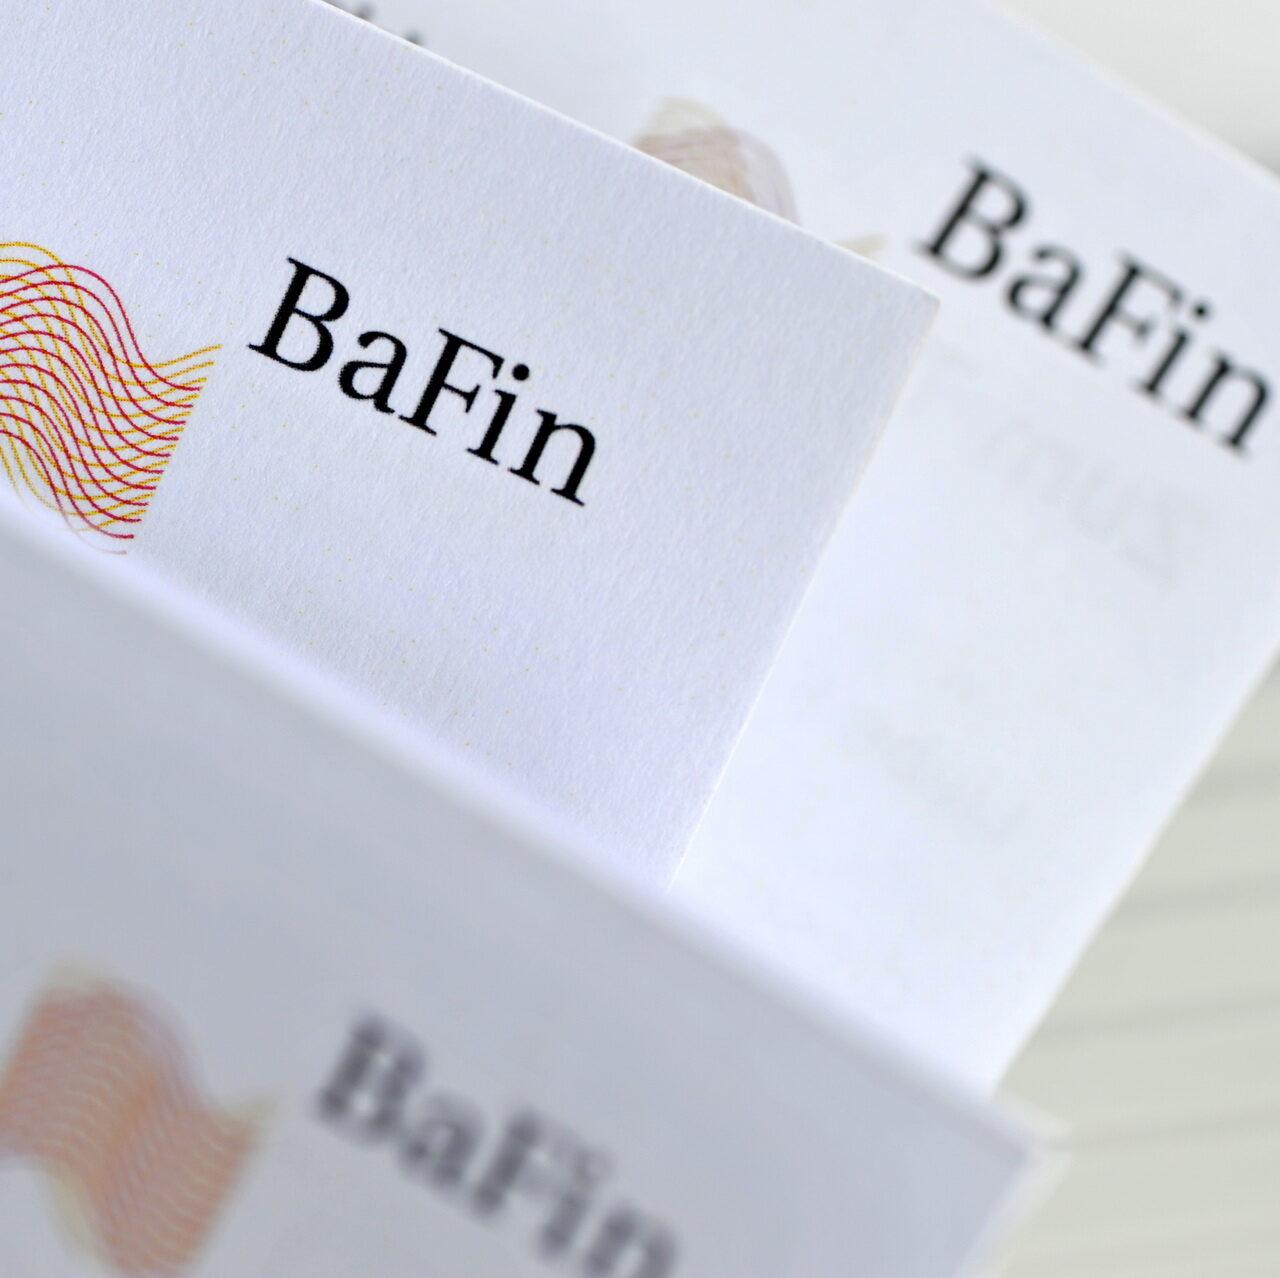 DK begrüßt Neuaufstellung derBaFin